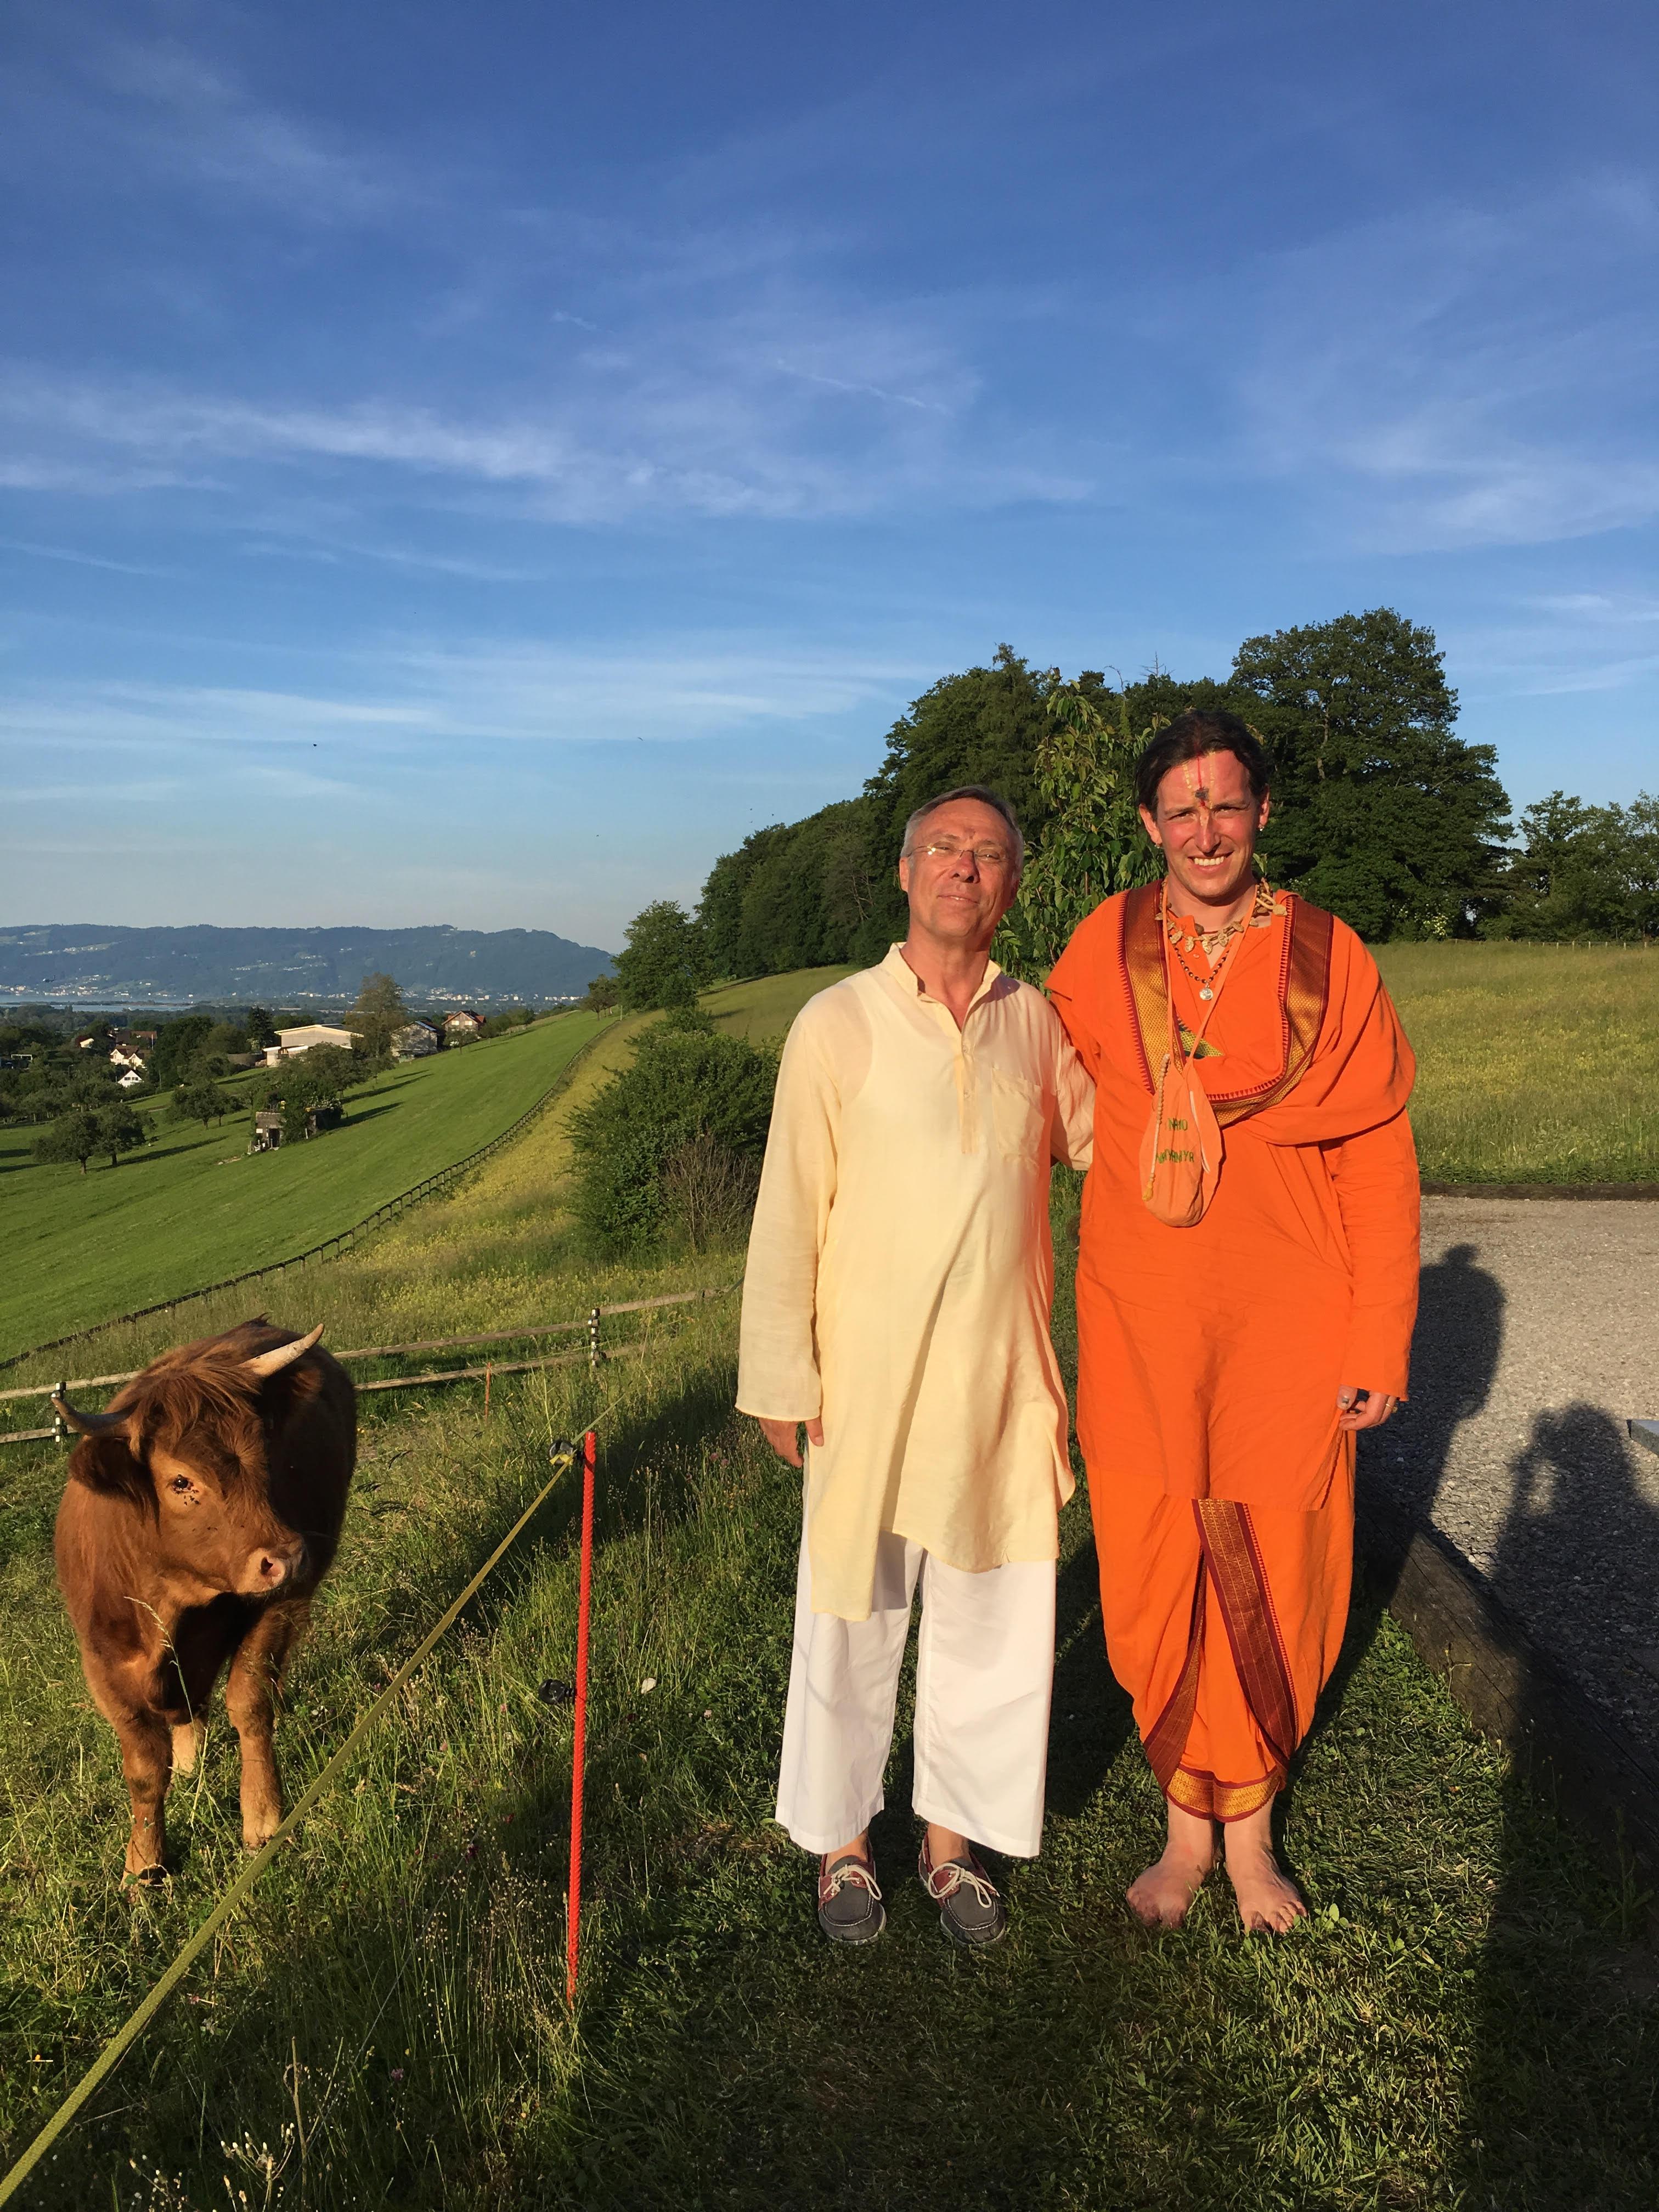 Christian and Swami Aniruddha